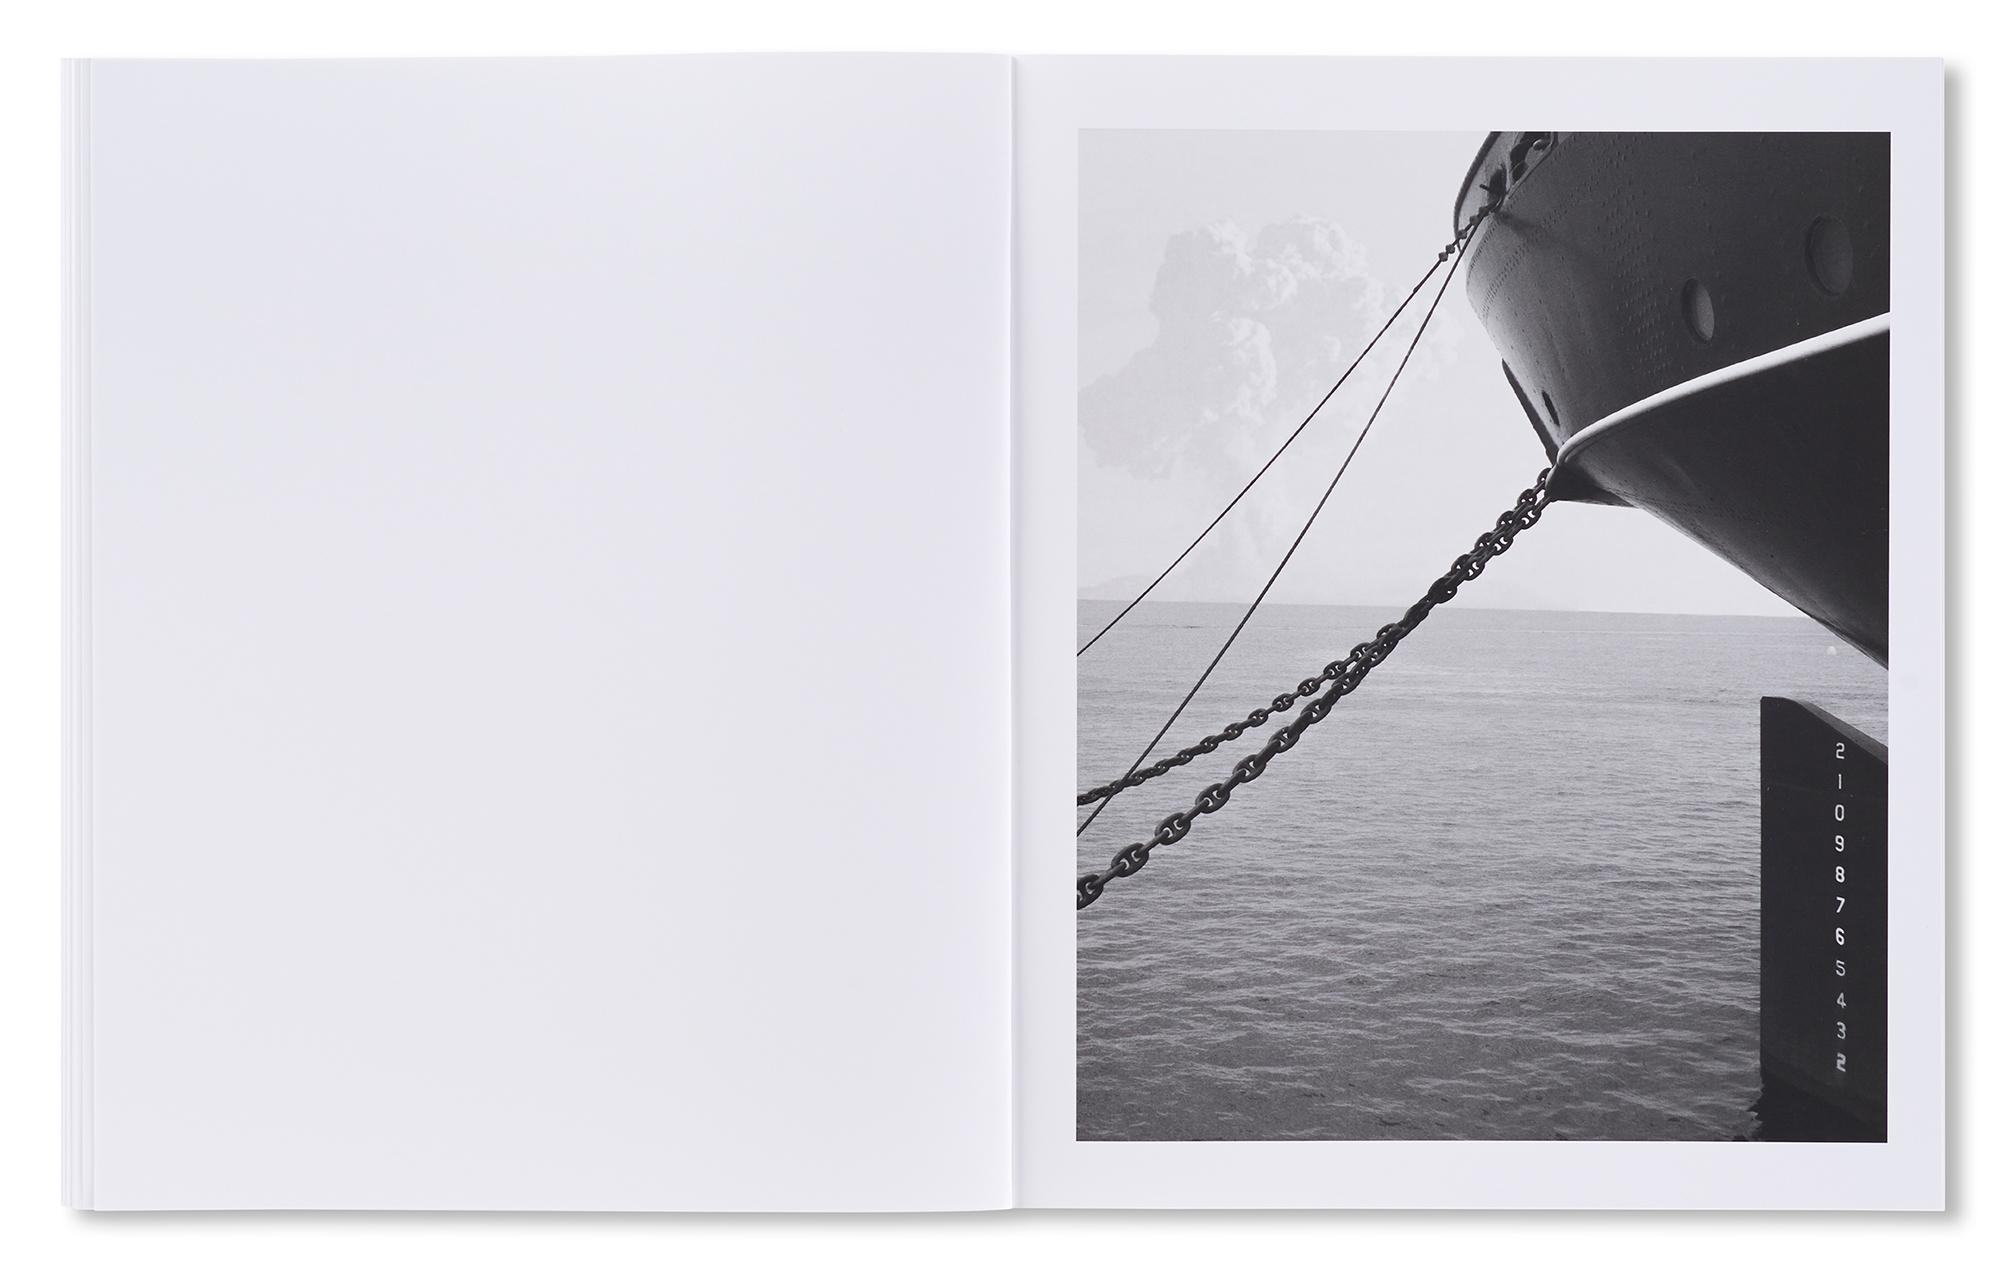 石野郁和『Rowing a Tetrapod』(MACK, 2017)